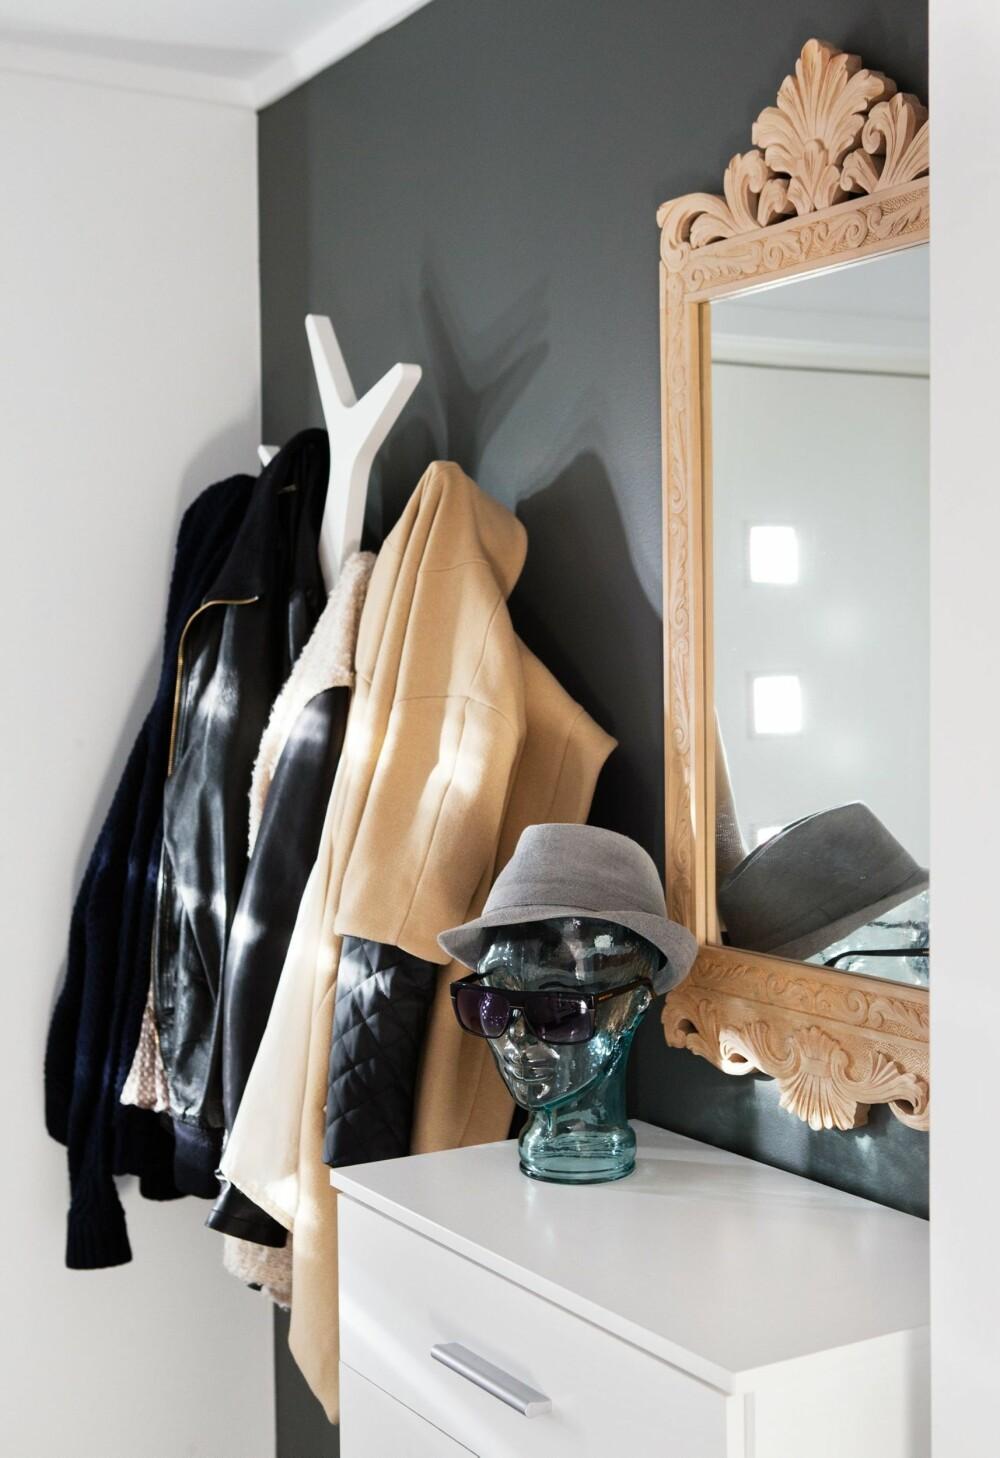 INNGANG: Det fine speilet i gangen er det Vibekes bestefar som har laget. Hodet i glass er fra vanessacardui.no.